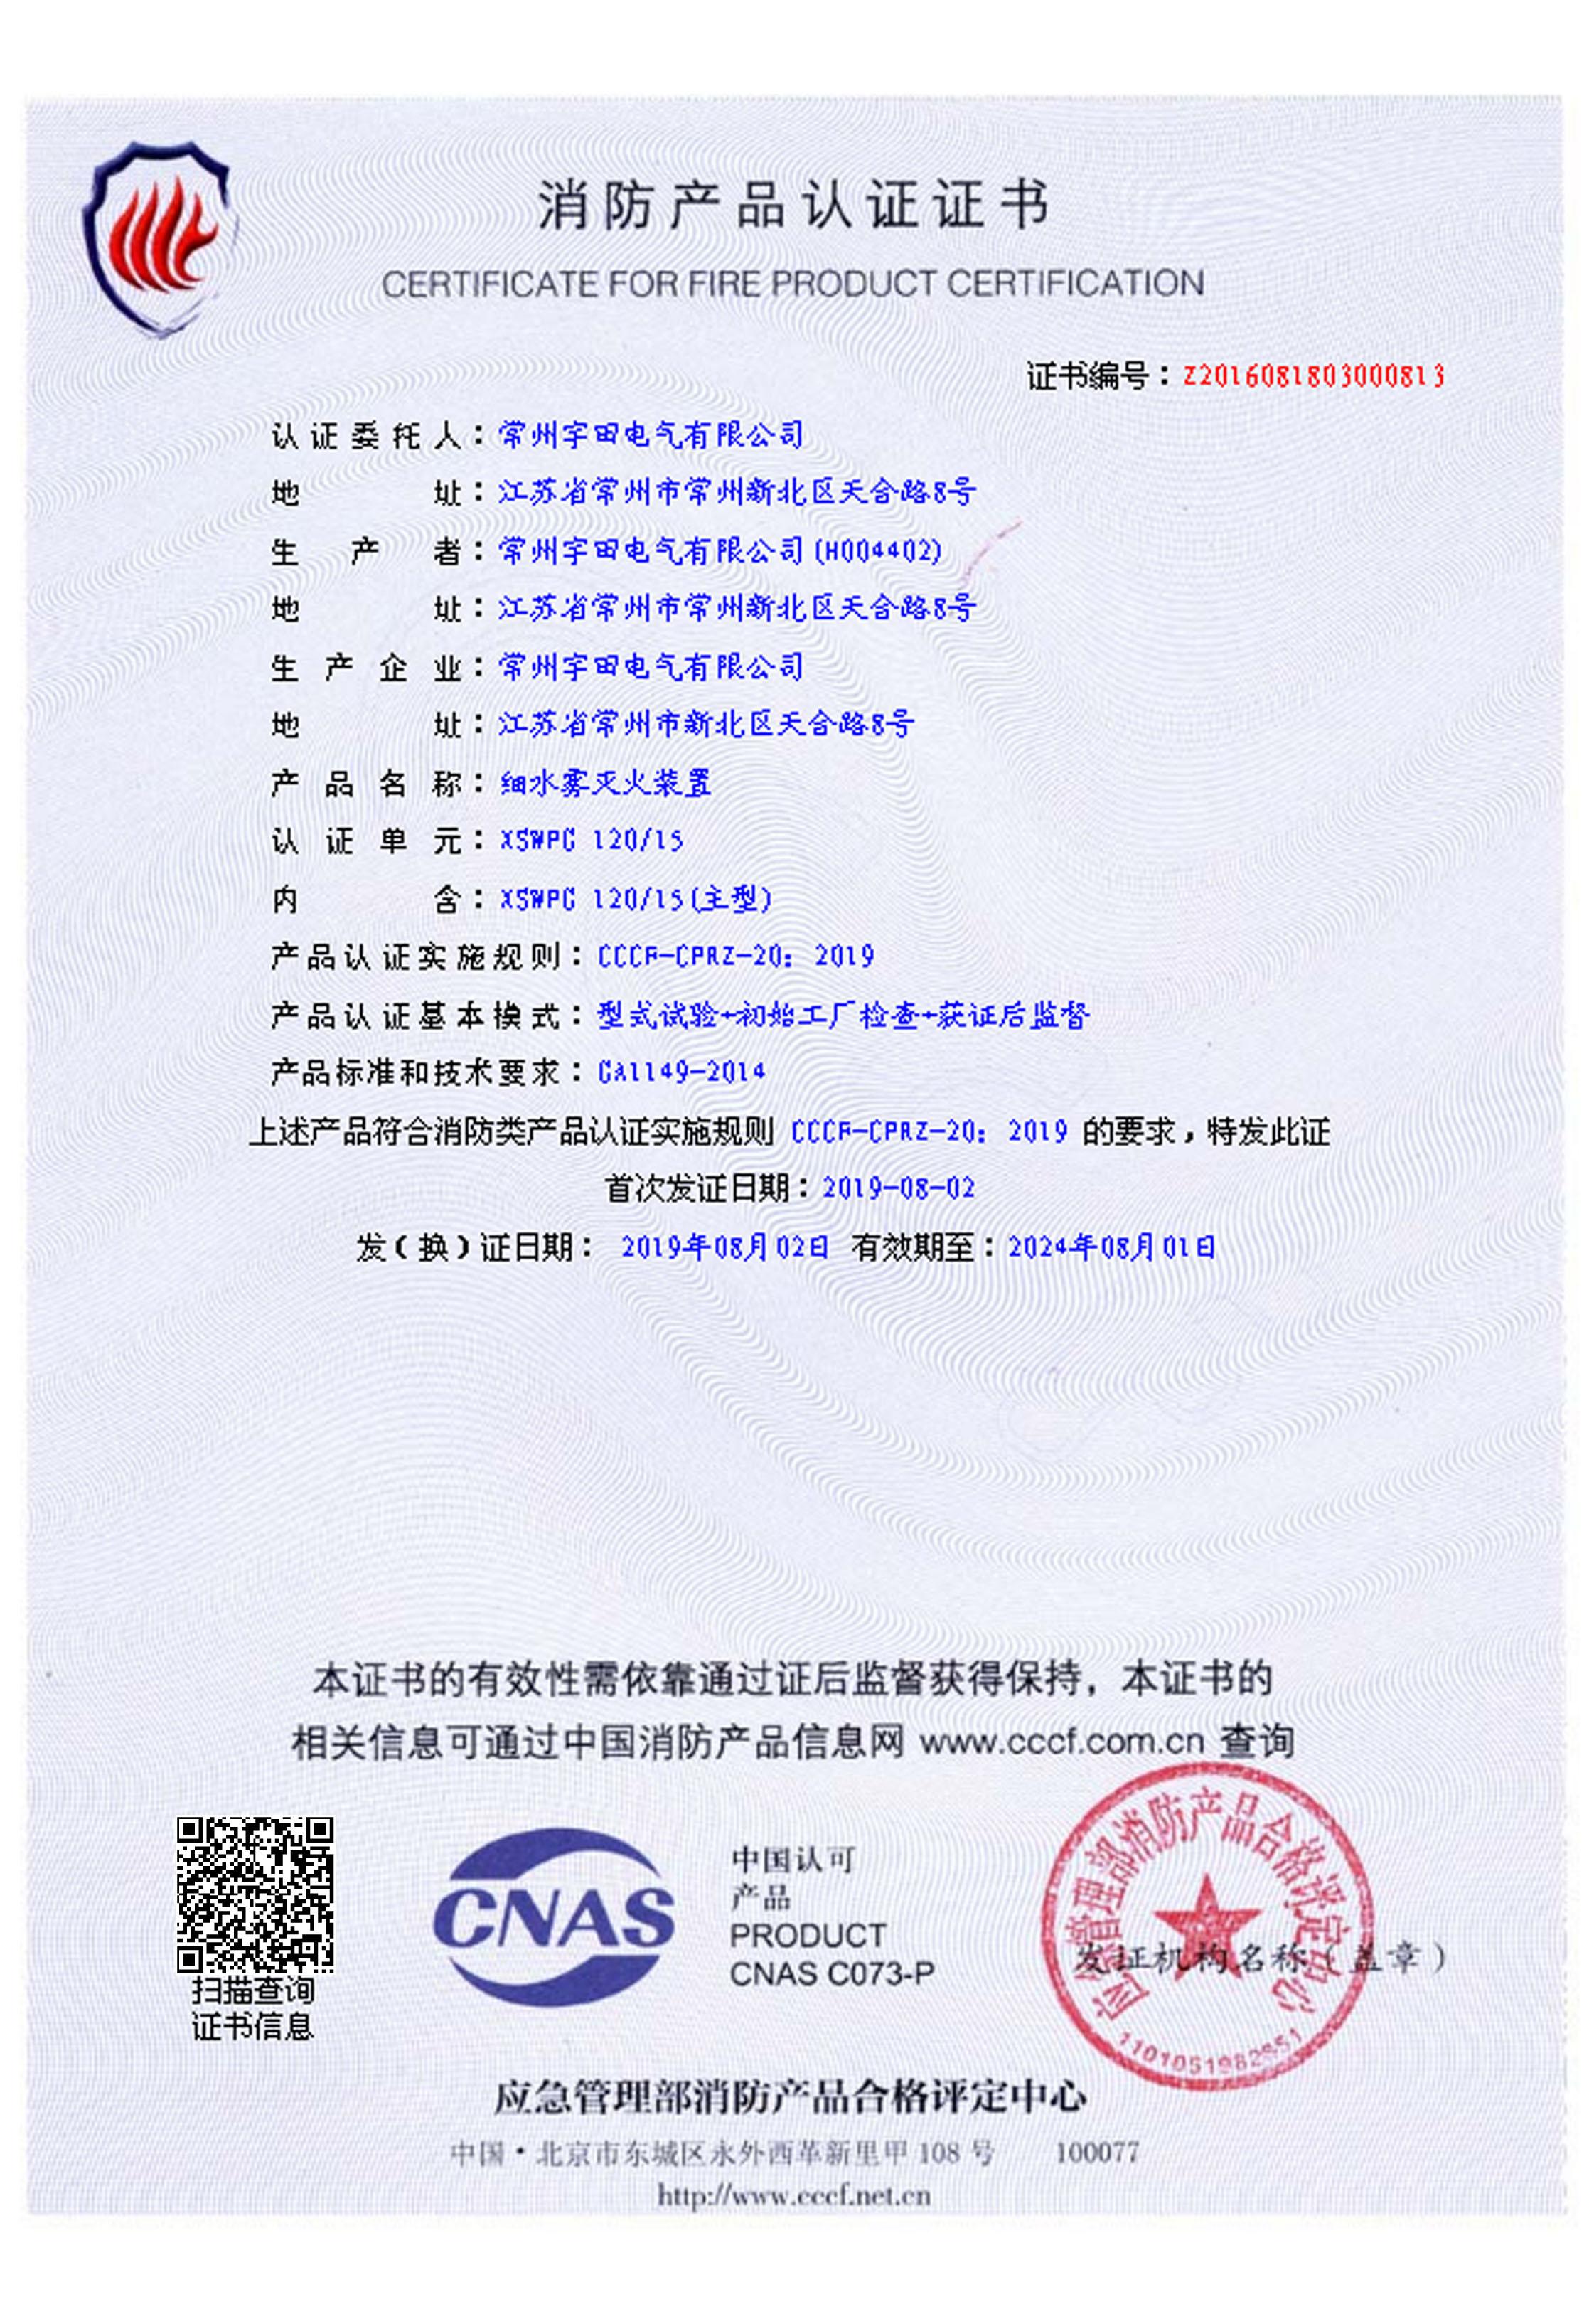 细水雾灭火装置认证证书转换